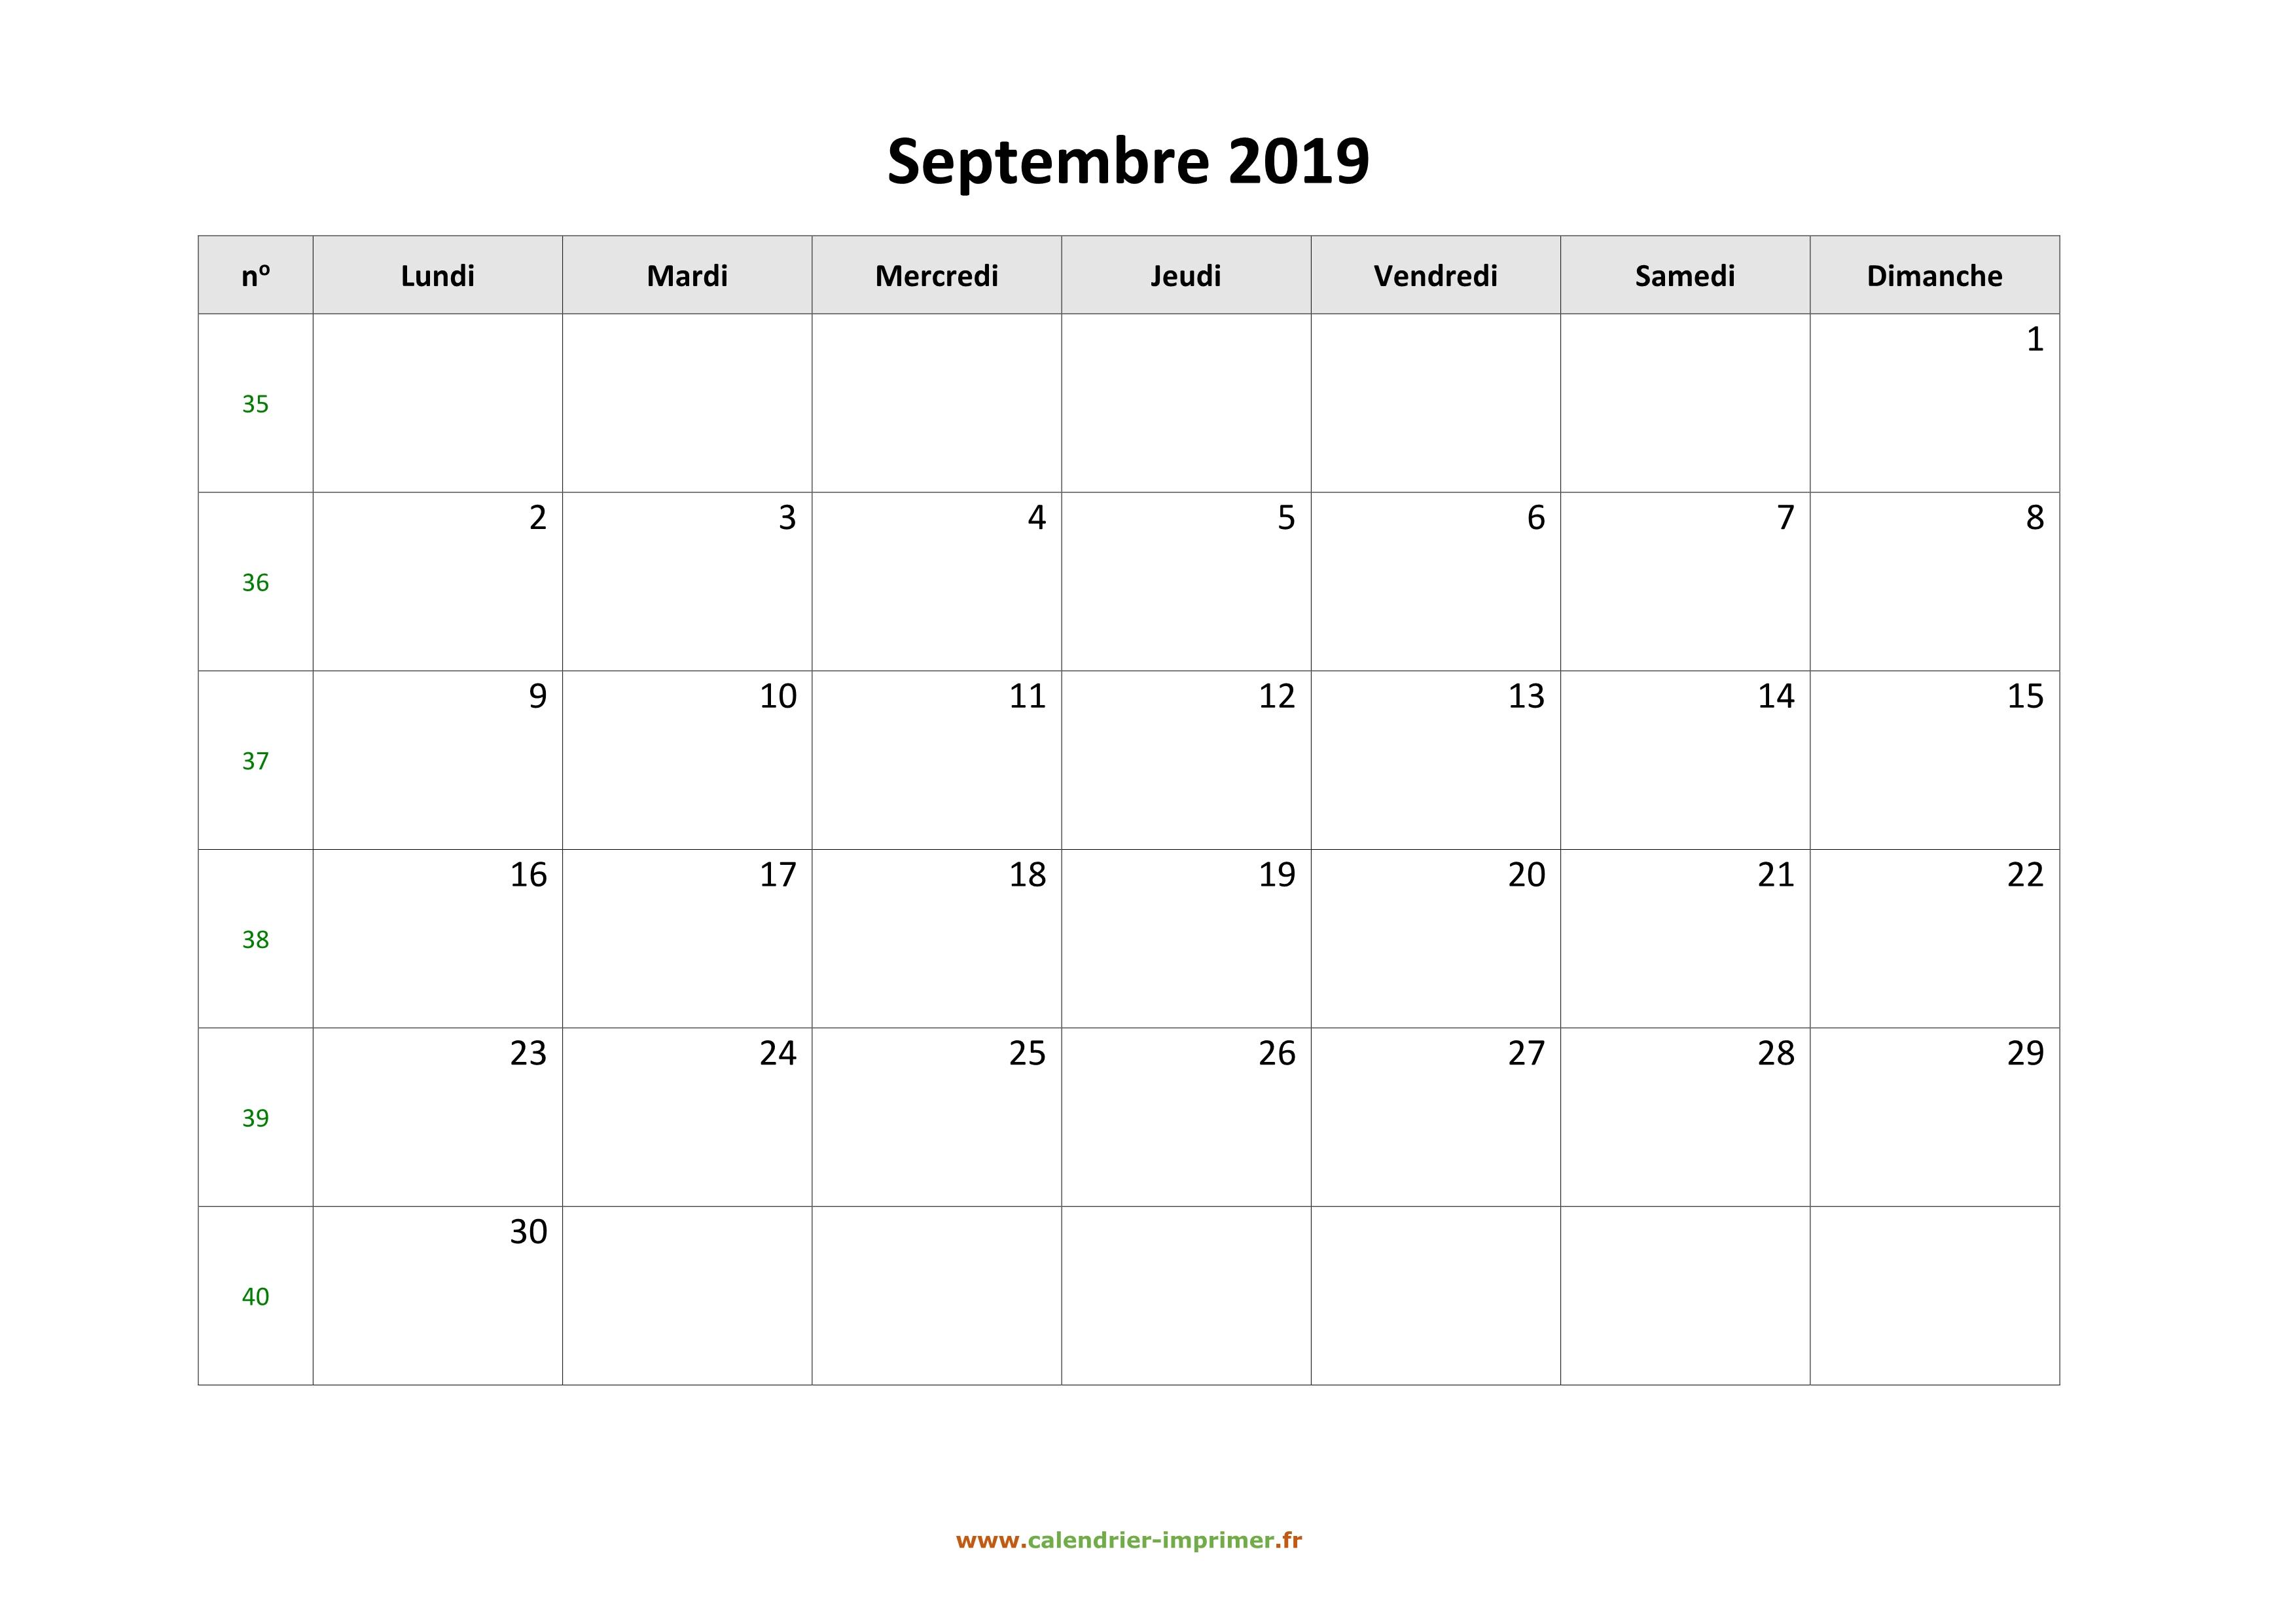 Calendrier Mois De Septembre.Calendrier Septembre 2019 A Imprimer